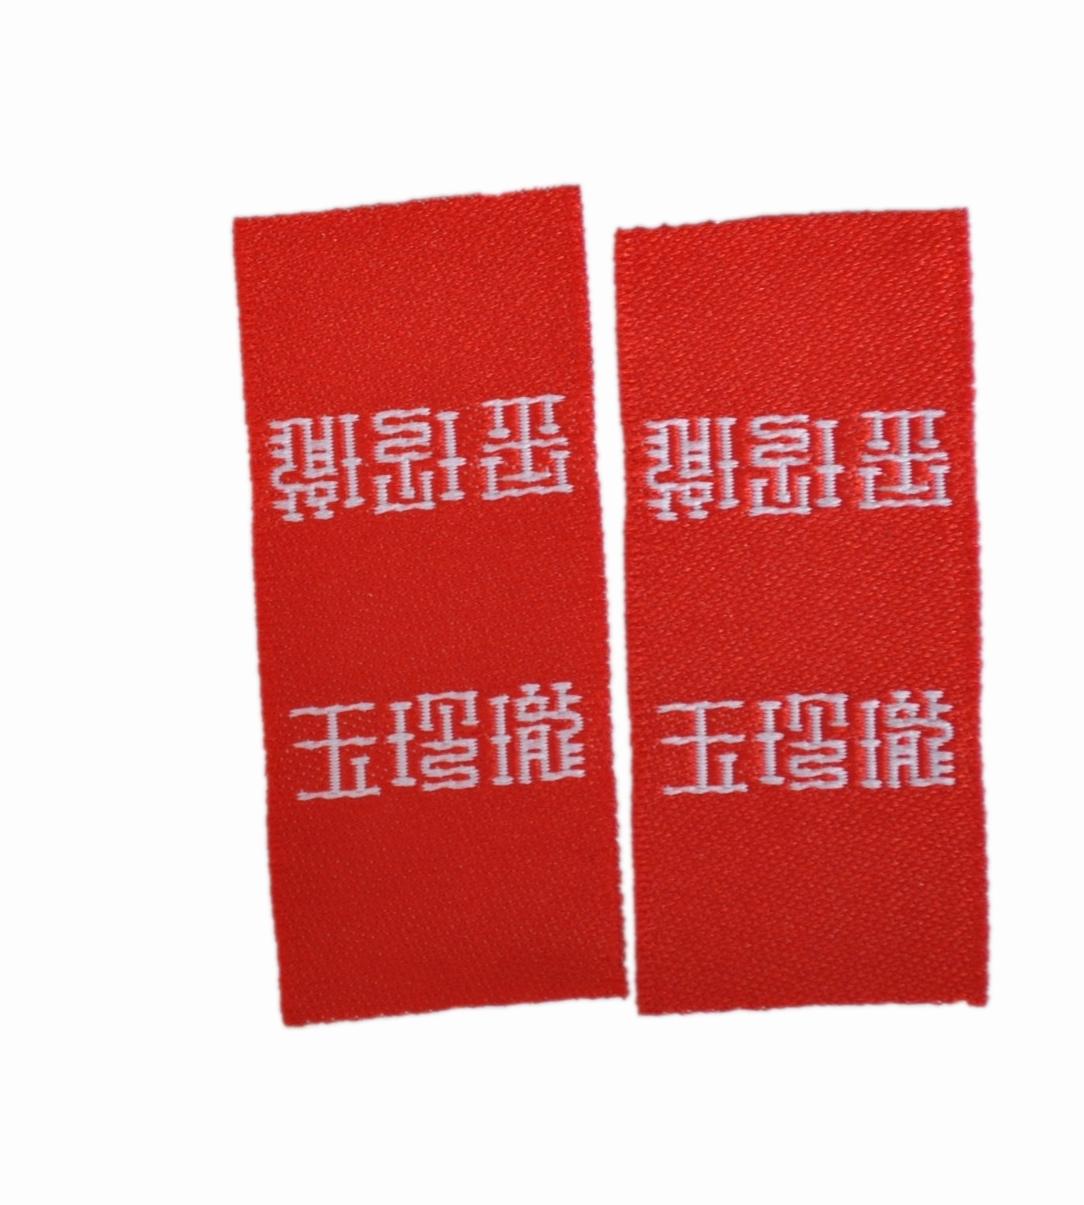 杭州高性价秋蝶普通烧边机服装织唛供应